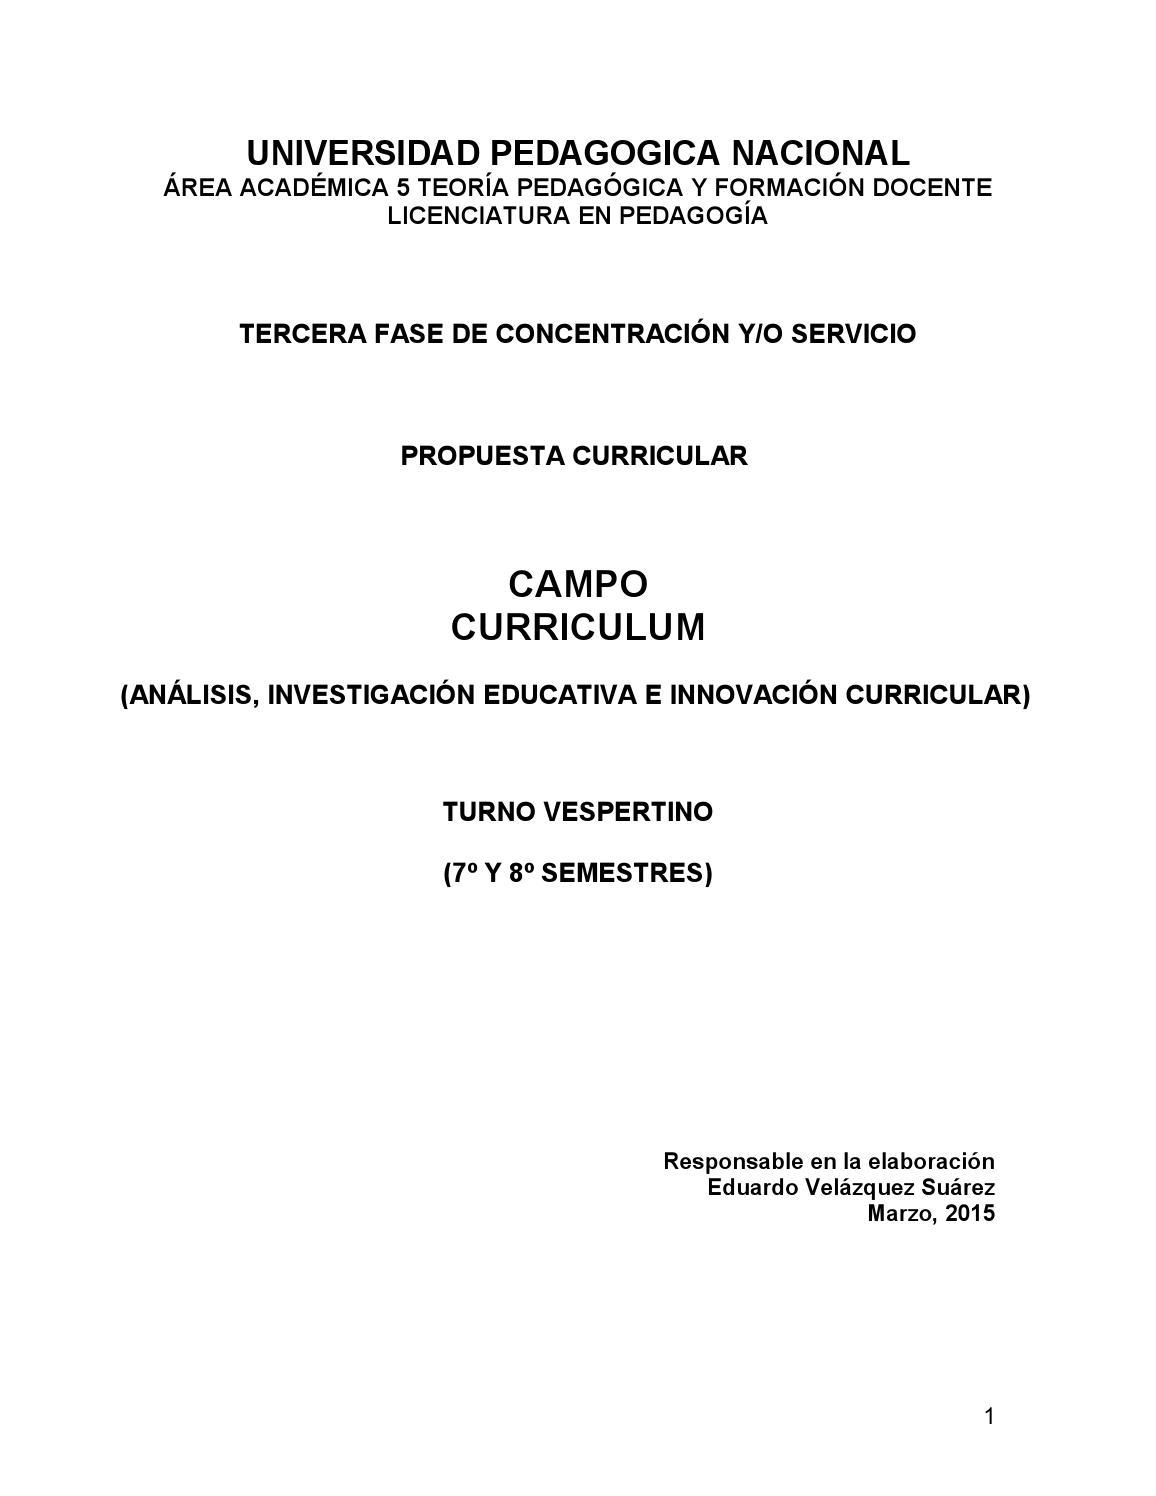 Curriculum by Coordinación de la Licenciatura en Pedagogía UPN - issuu